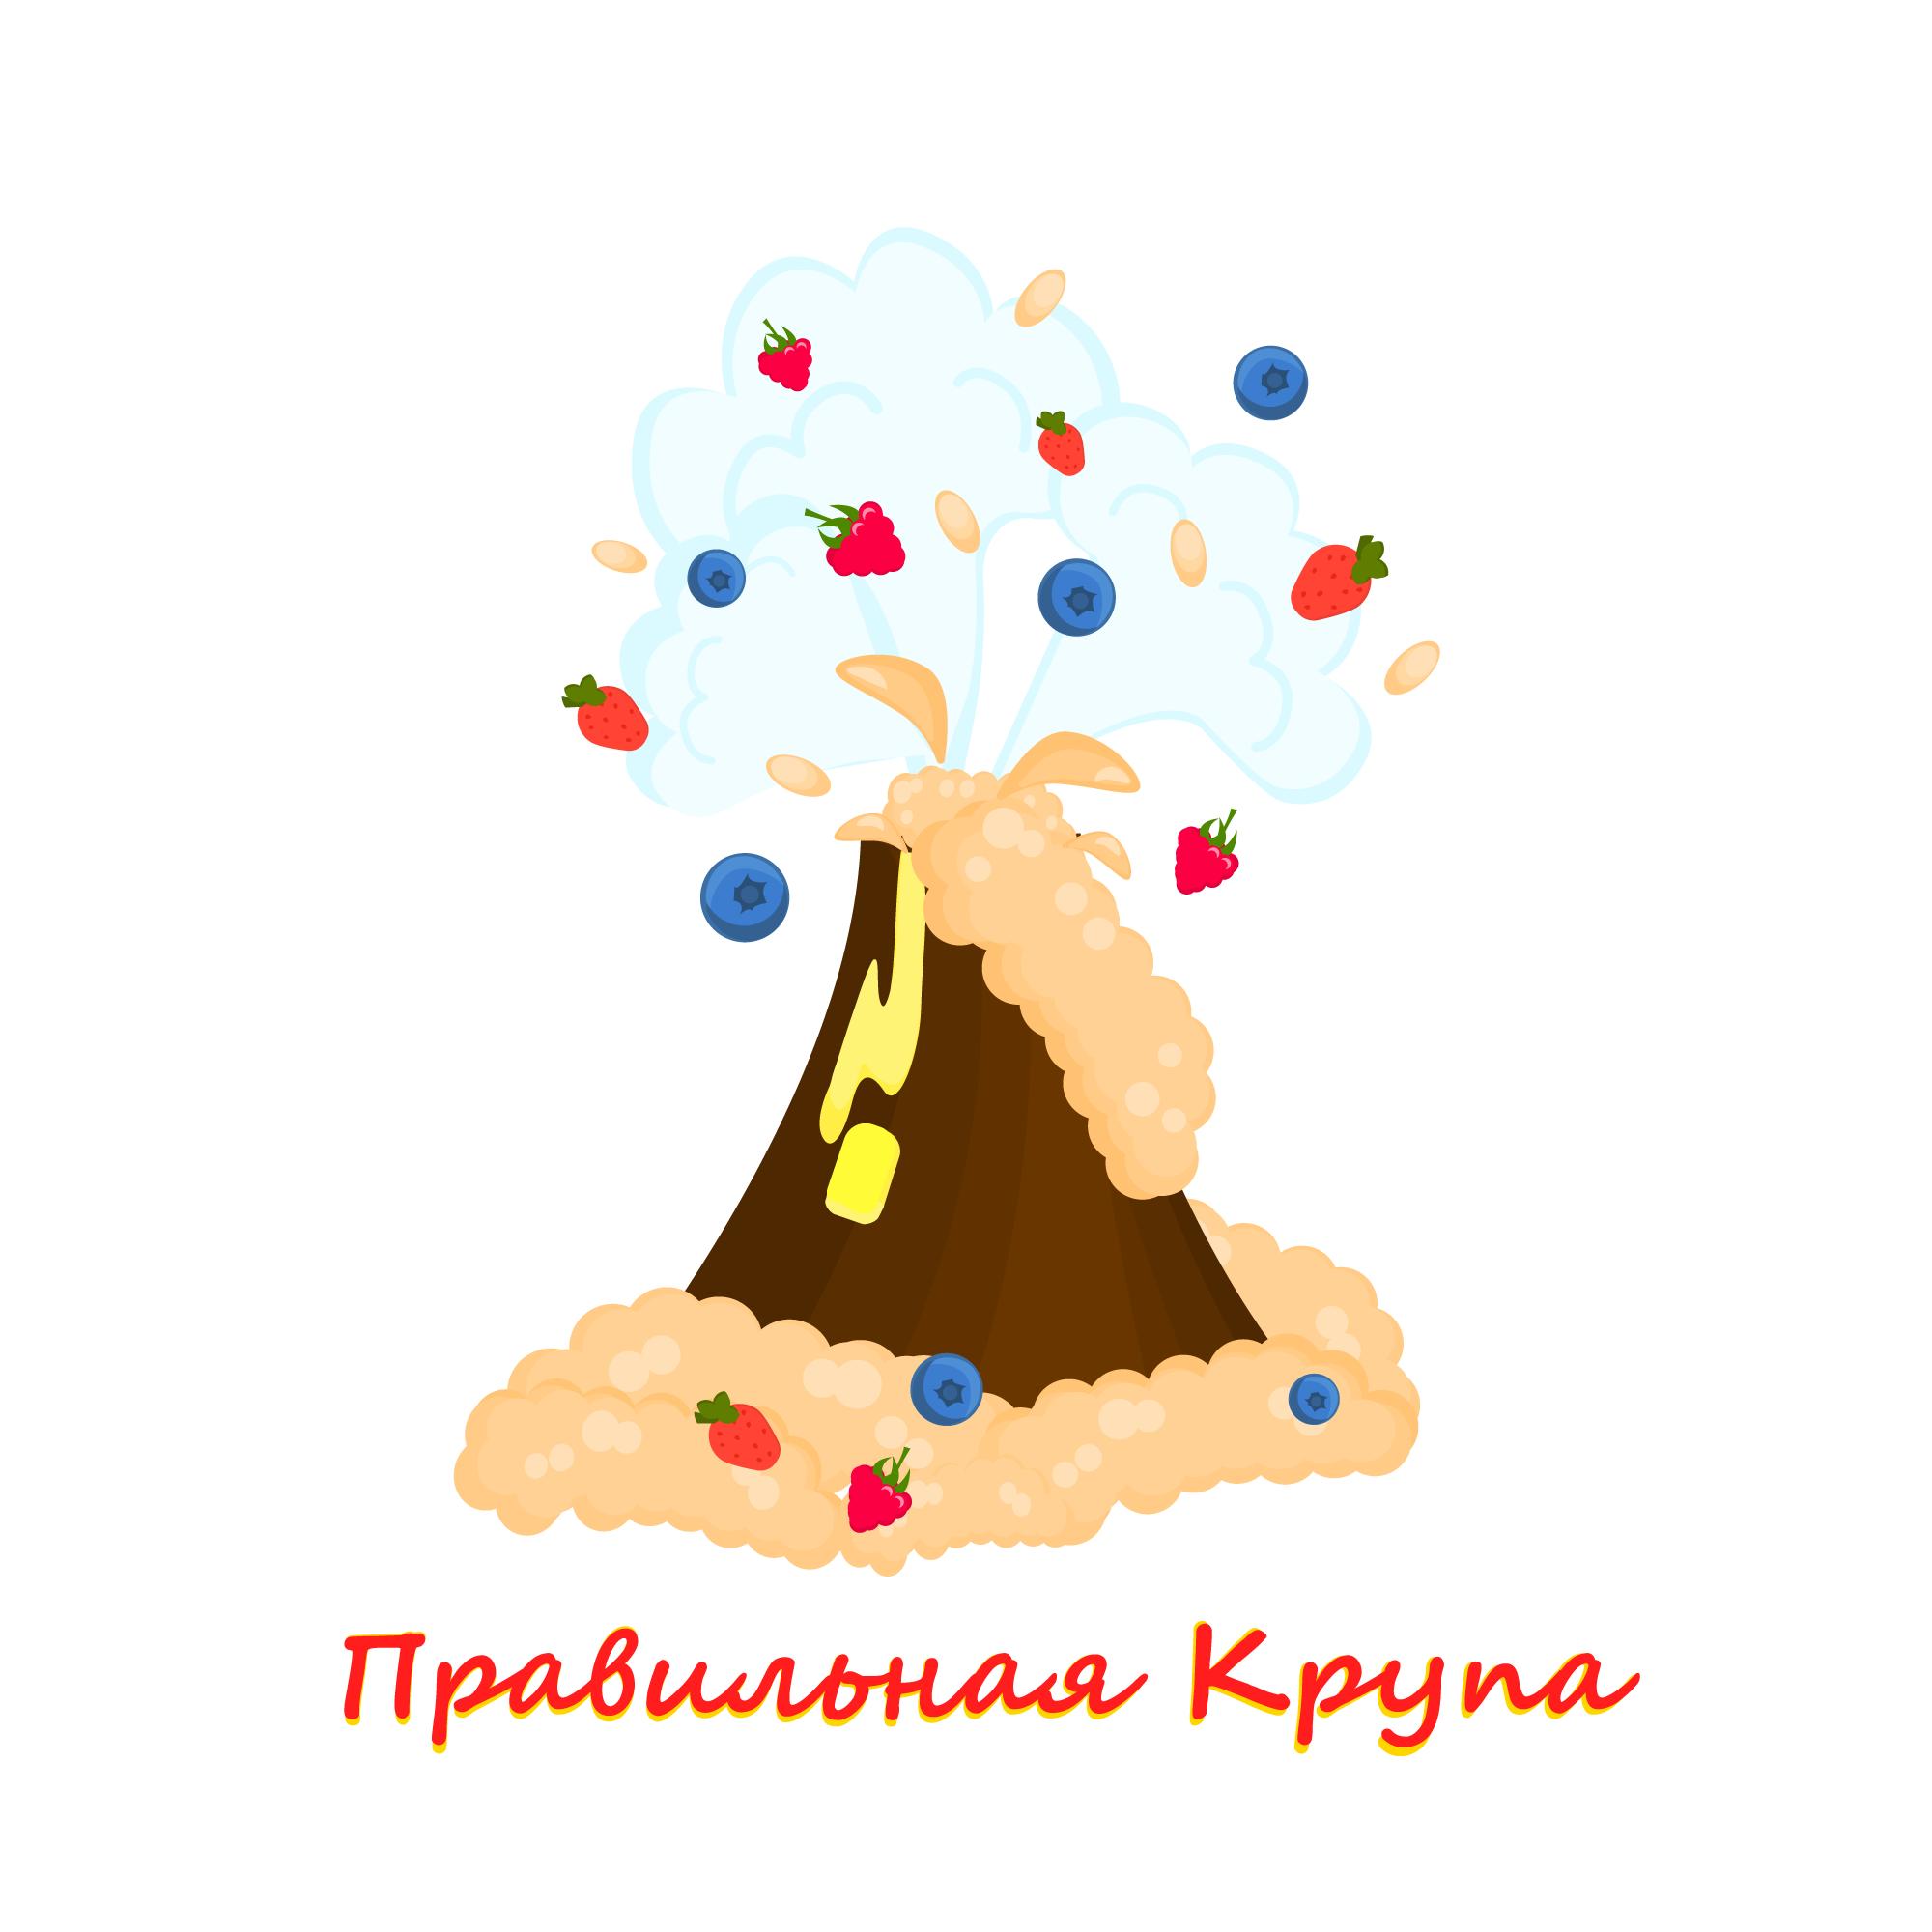 Веб-дизайнер, создание логотипа. фото f_4985ebfdebb156df.png